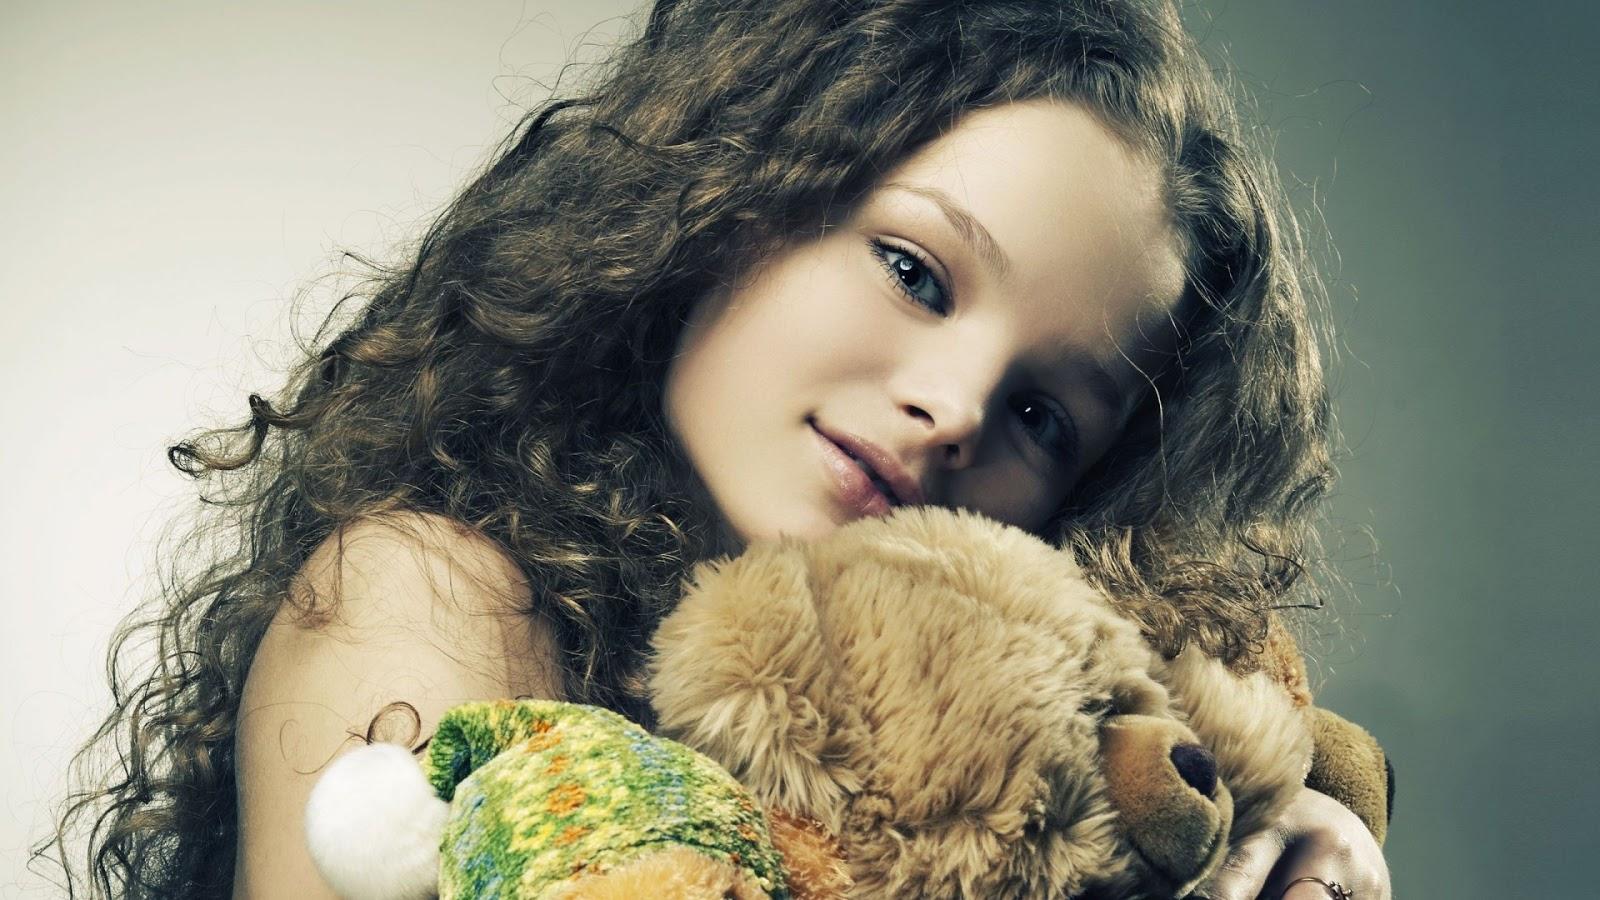 Cute Little Girl Hugging Teddy Bear HD Wallpaper | Cute ...